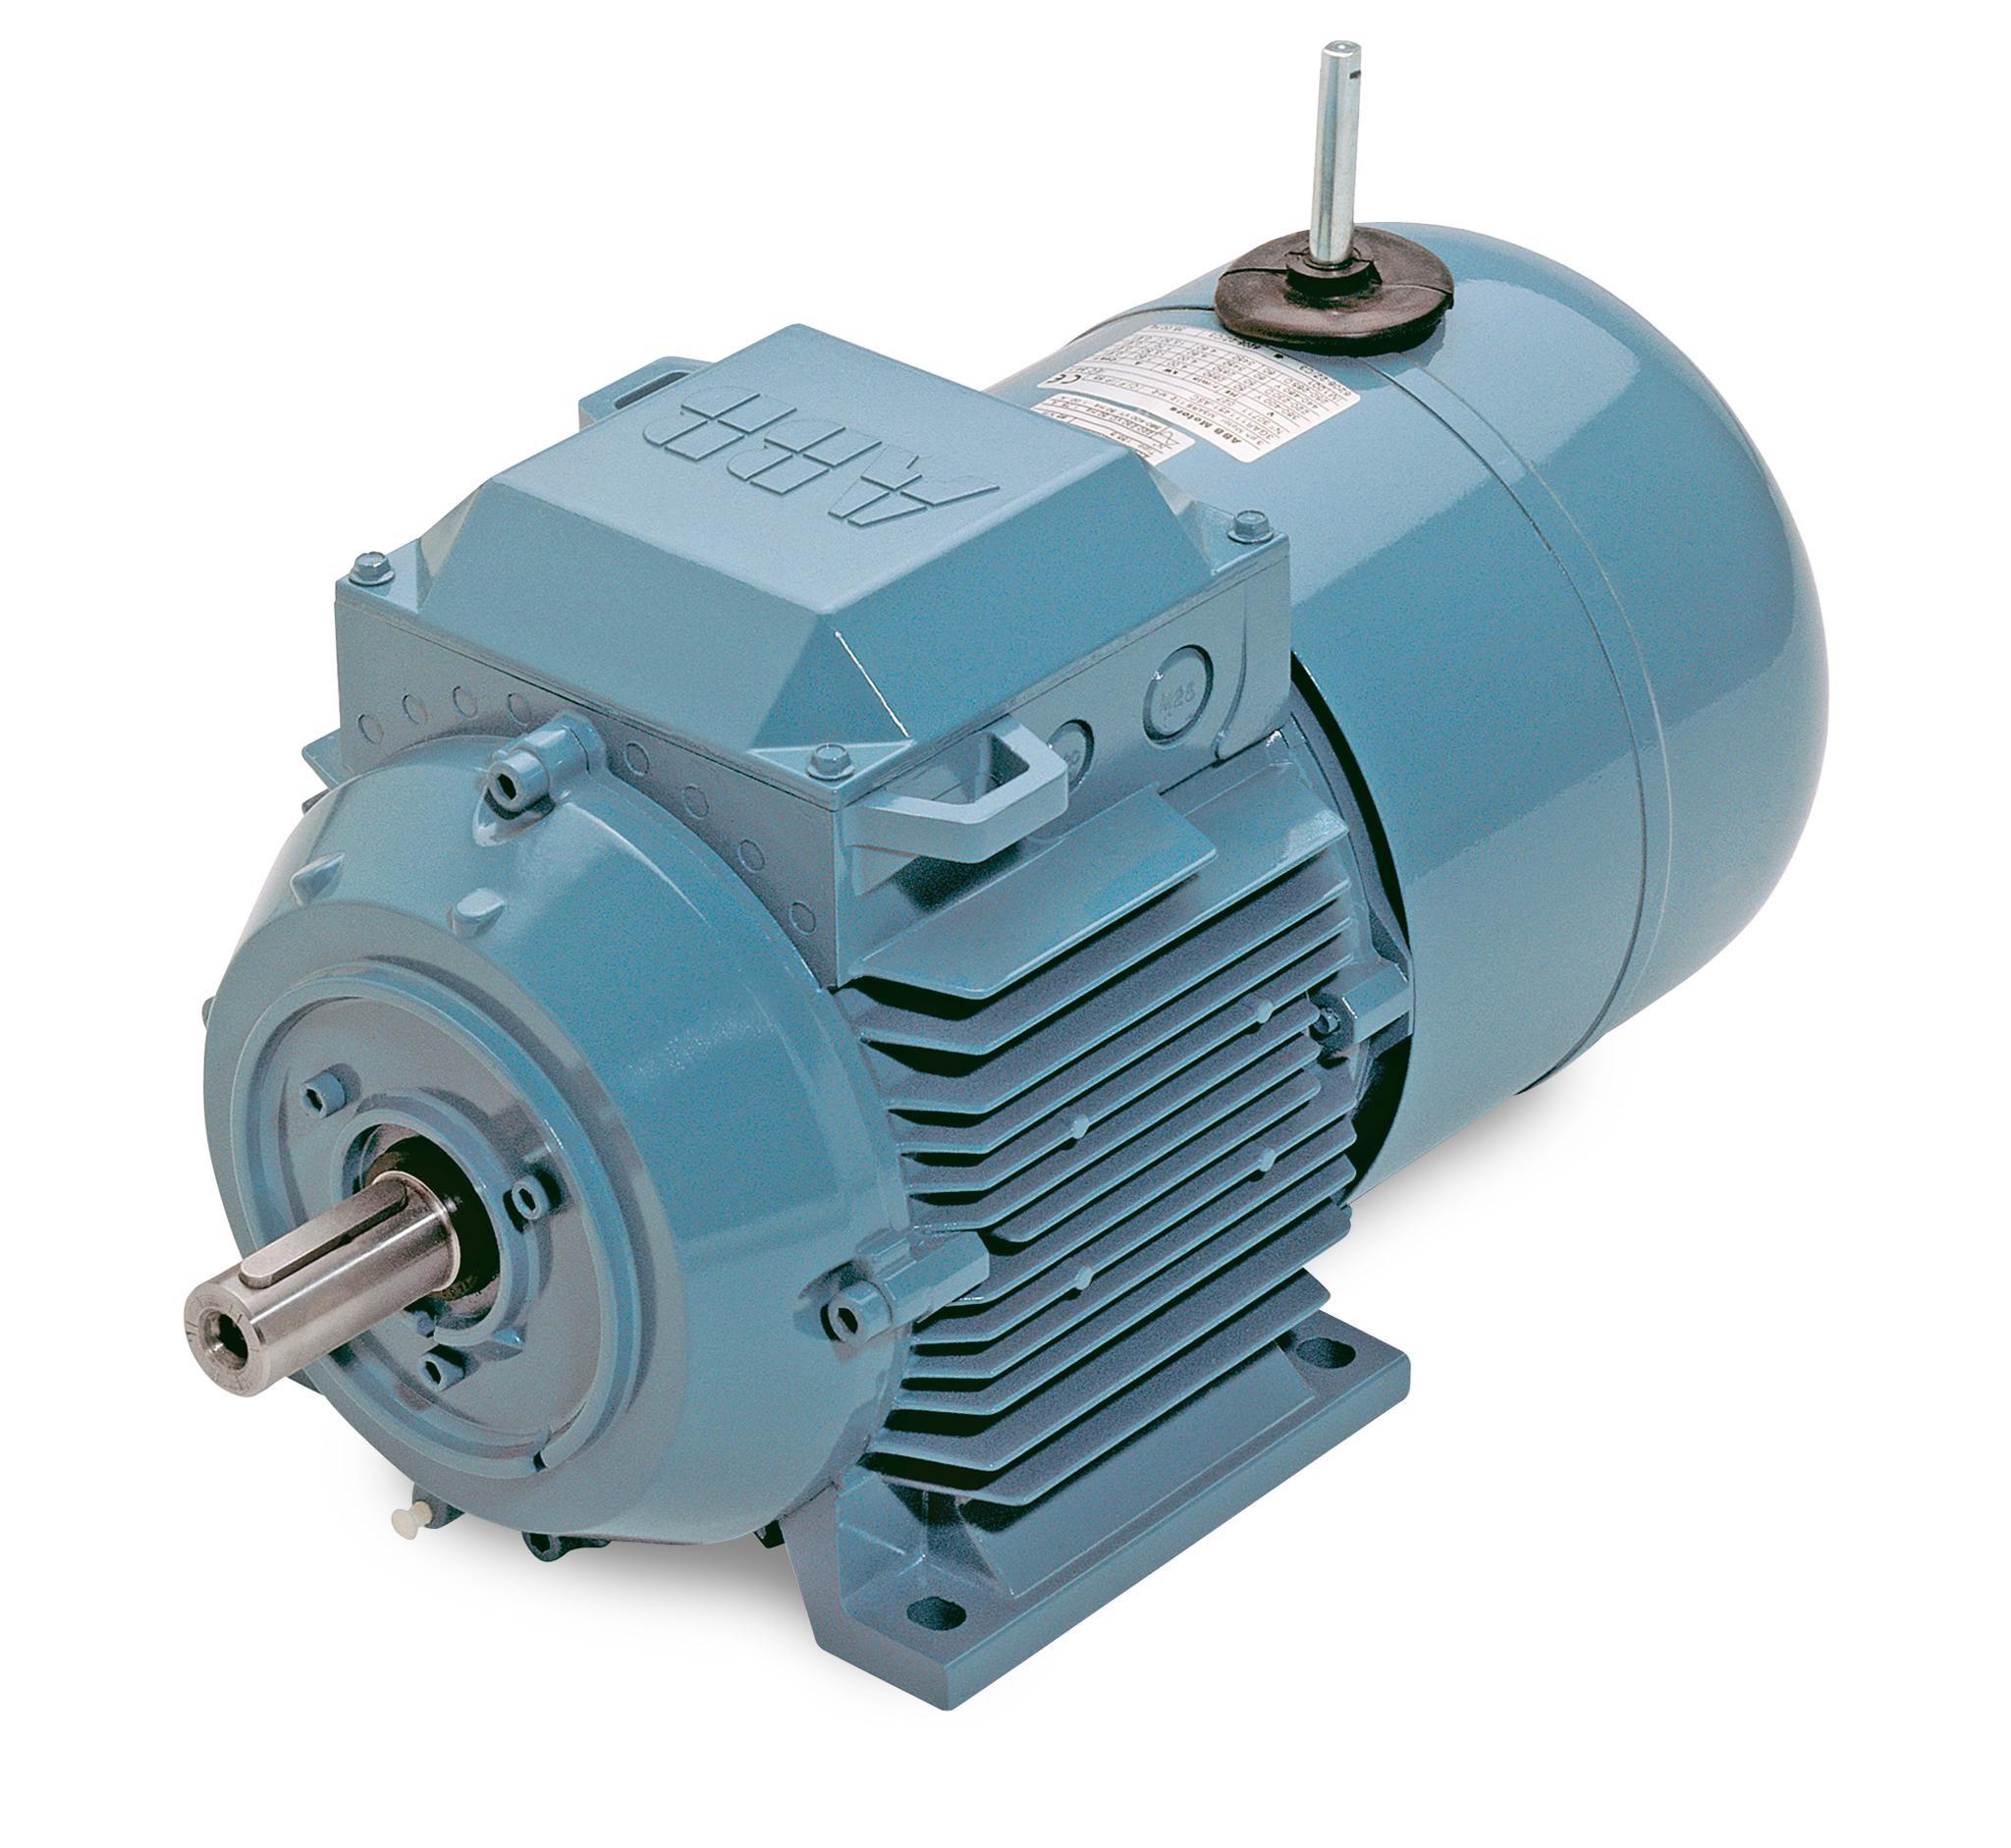 Baldor Brake Motor Wiring Diagrams Iec - Residential Electrical ...